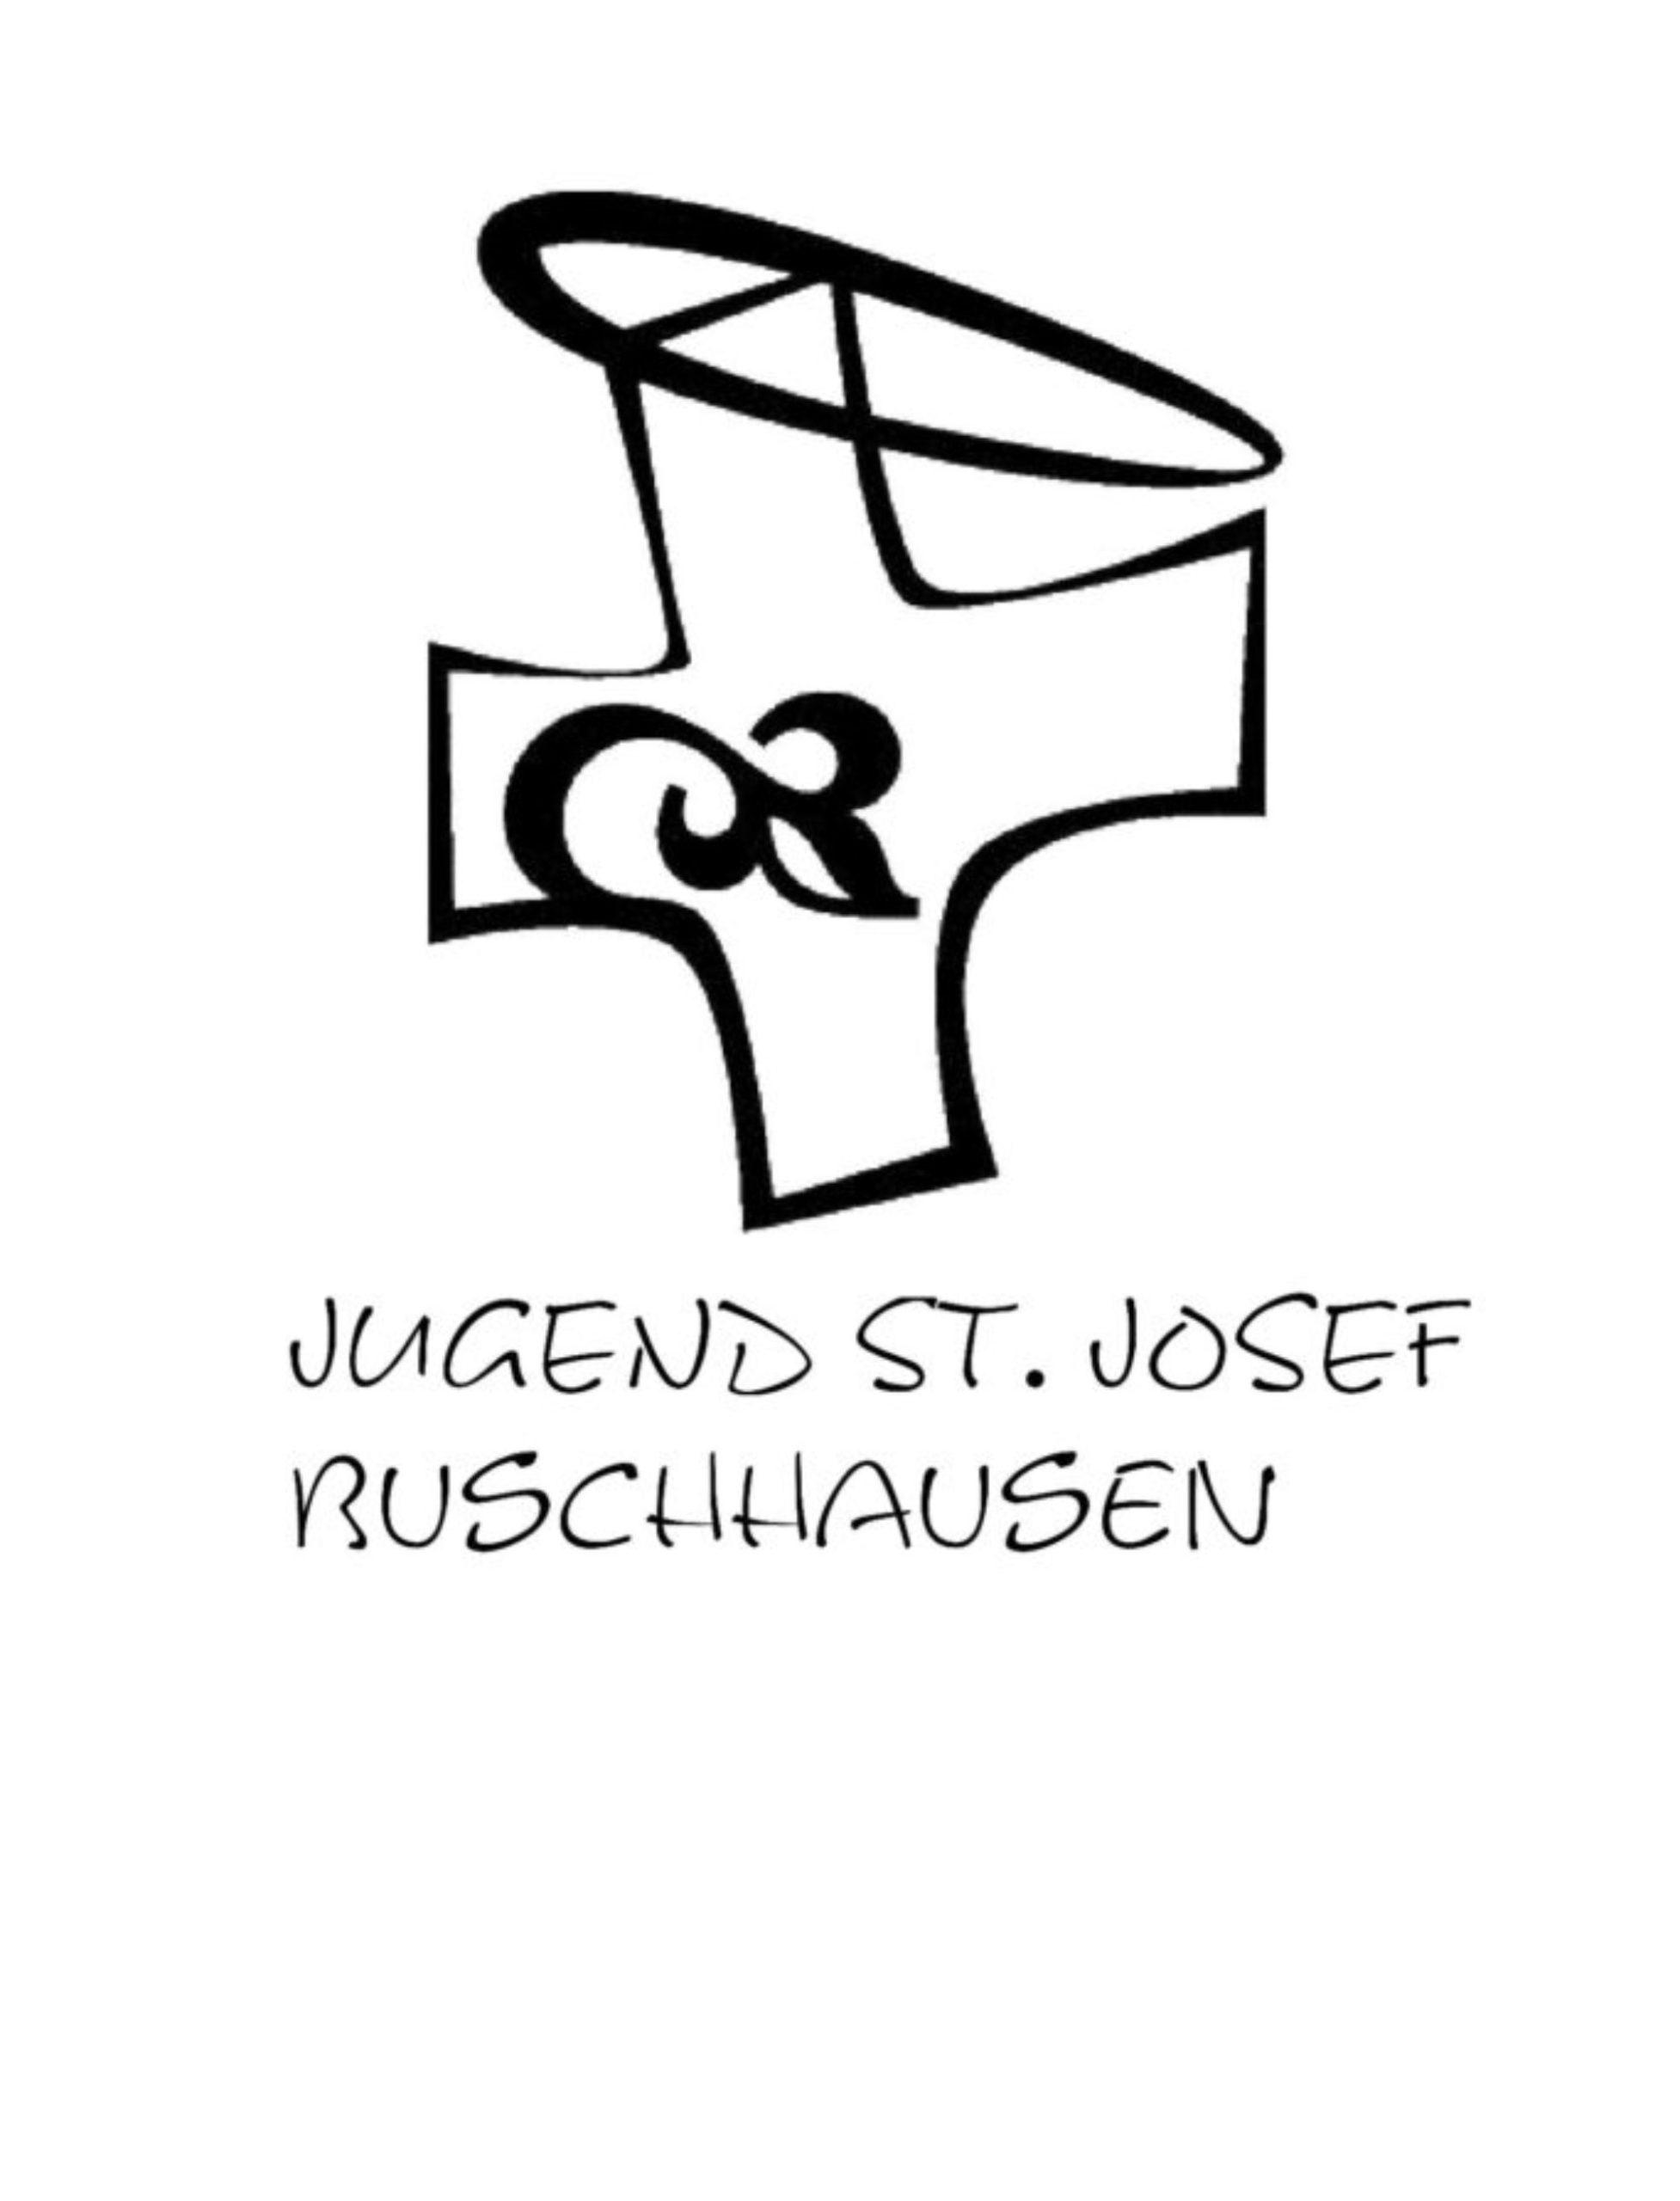 Jugend St Josef Oberhausen Buschhausen